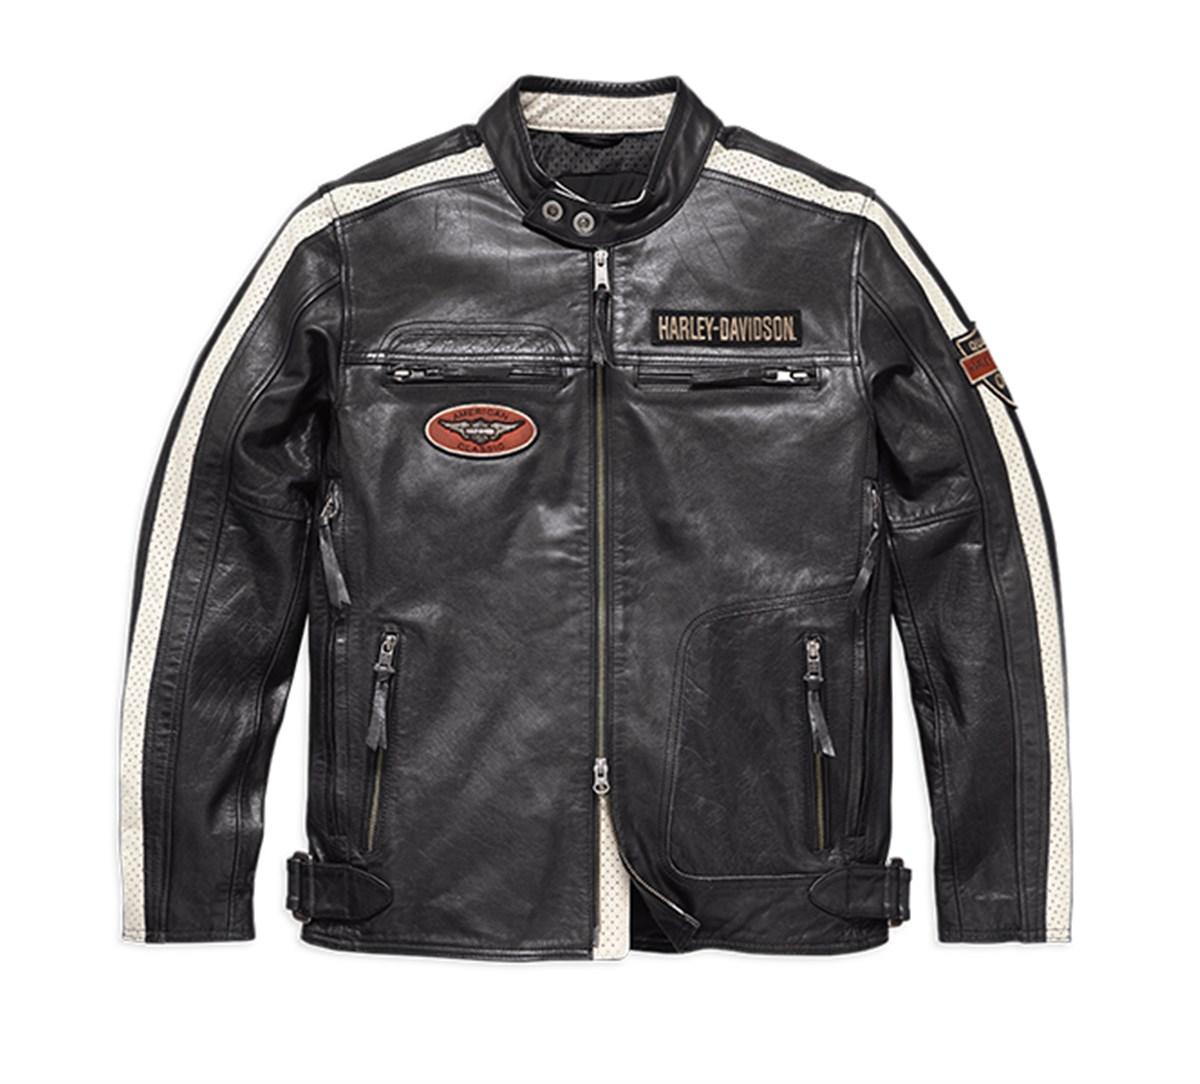 Harley Davidson command leather jacket men's, black